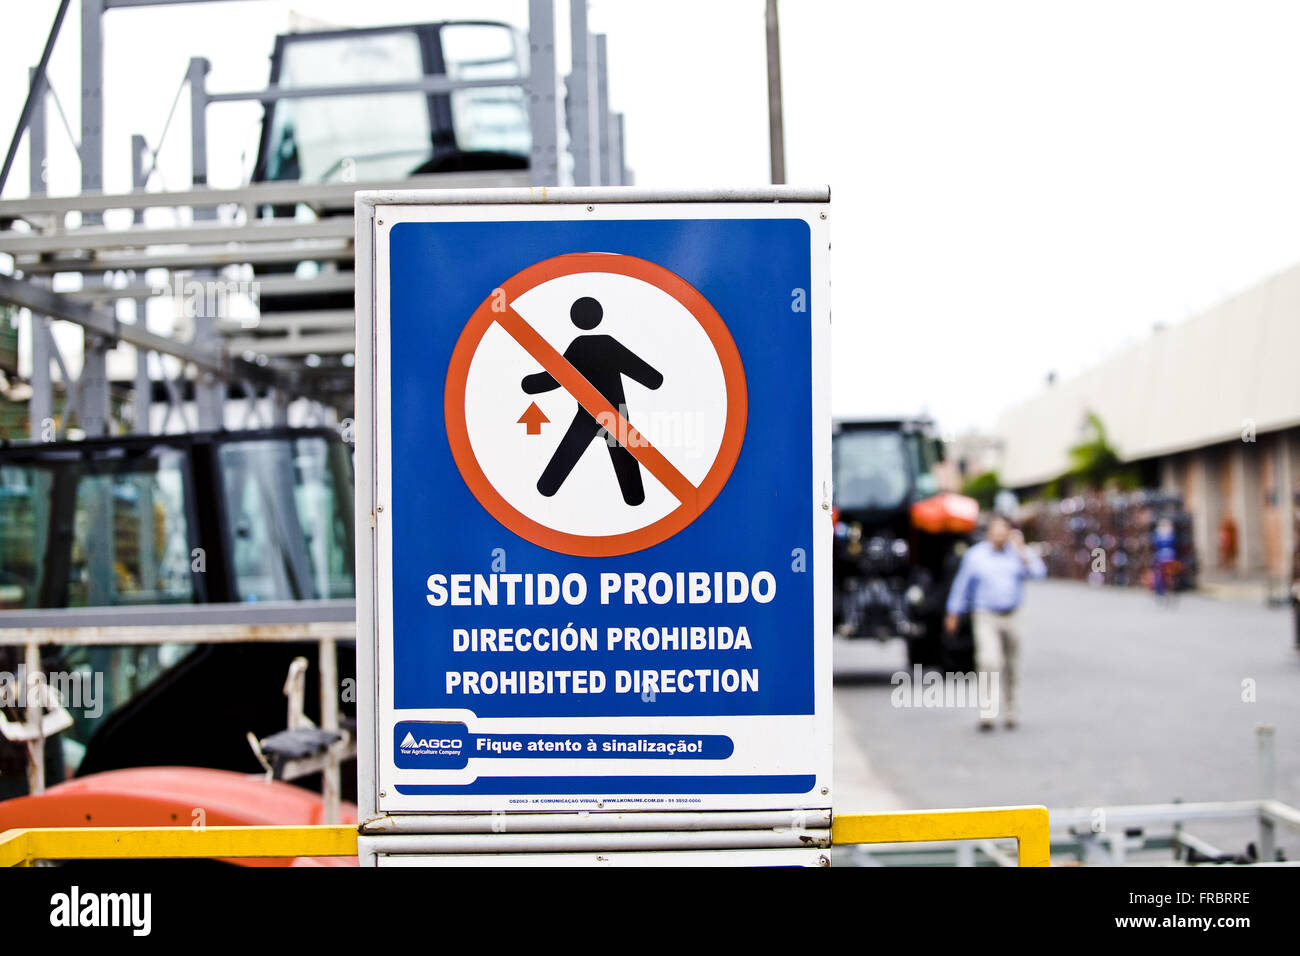 Segnalazione di patio proibita senso di produce macchine agricole Immagini Stock